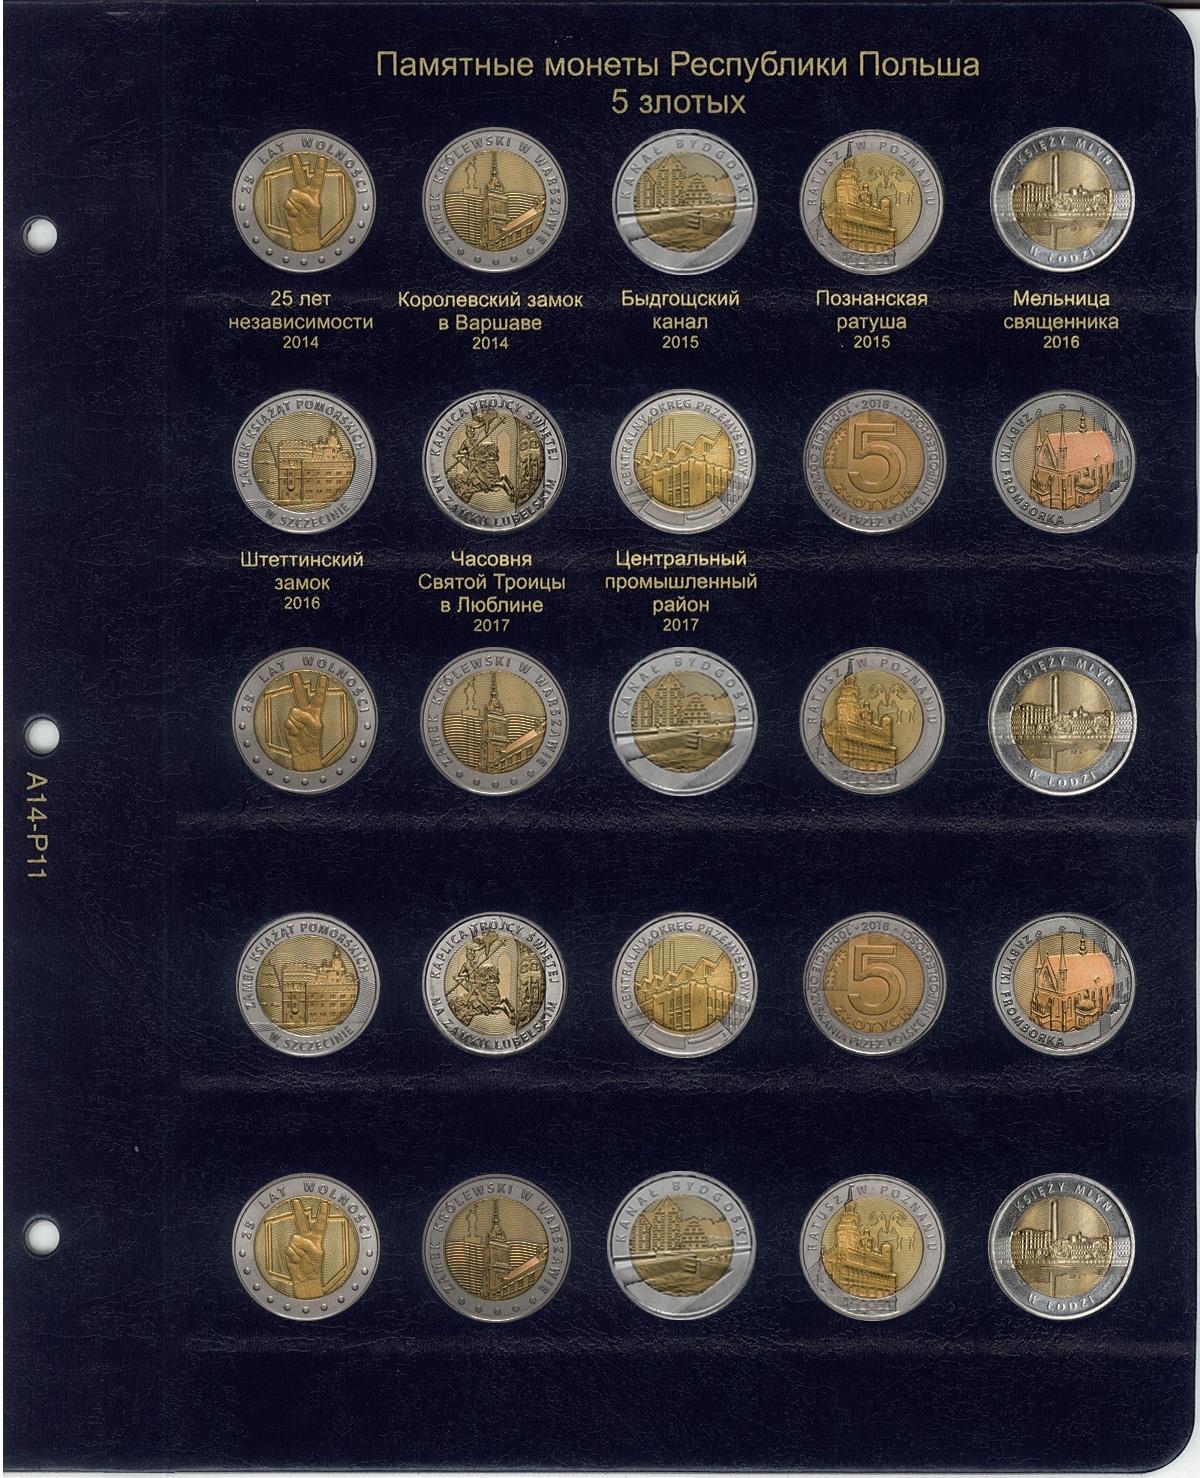 Лист для юбилейных монет Польши 5 злотых Коллекционеръ